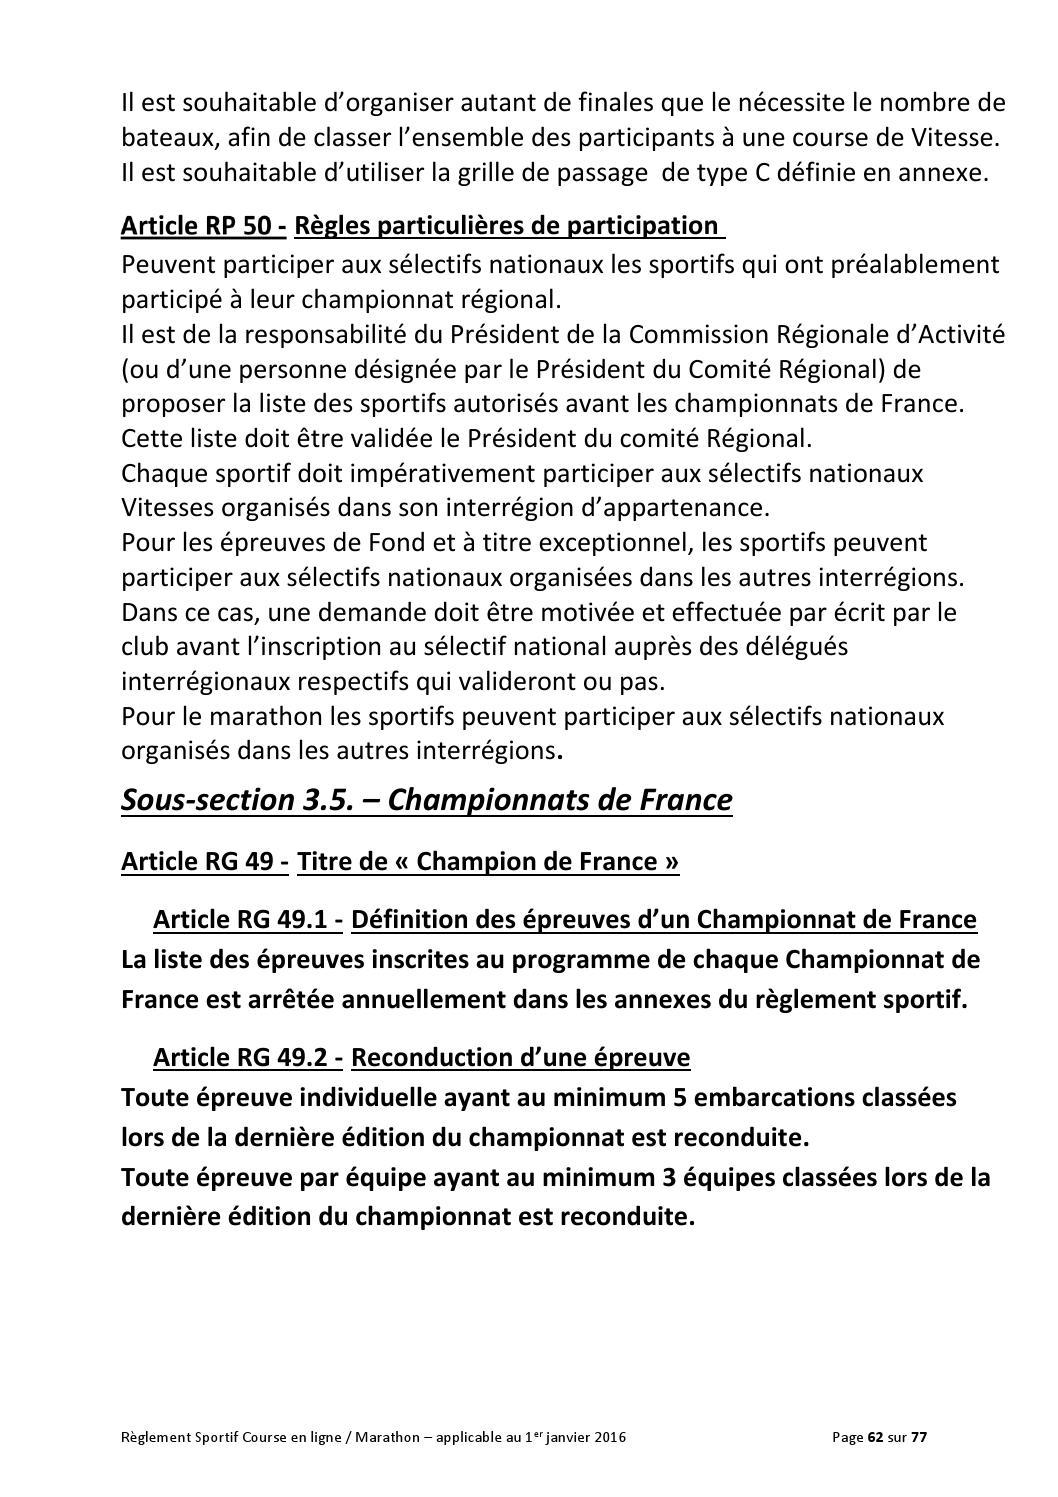 ffck reglement sportif course en ligne marathon 2016 by ffck page 63 issuu. Black Bedroom Furniture Sets. Home Design Ideas